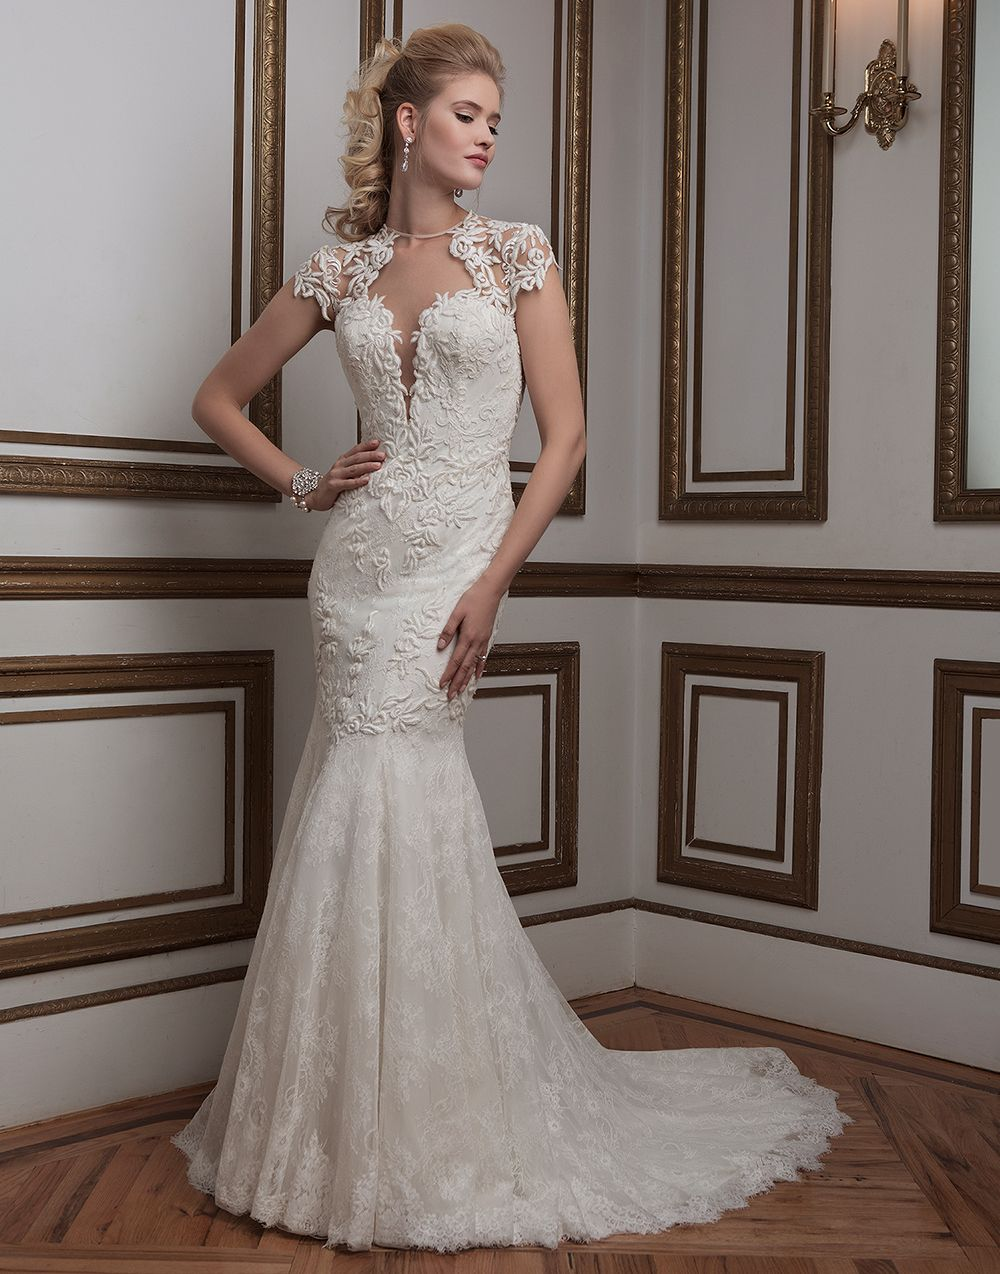 Laceweddingdress lace wedding dress pinterest chantilly lace